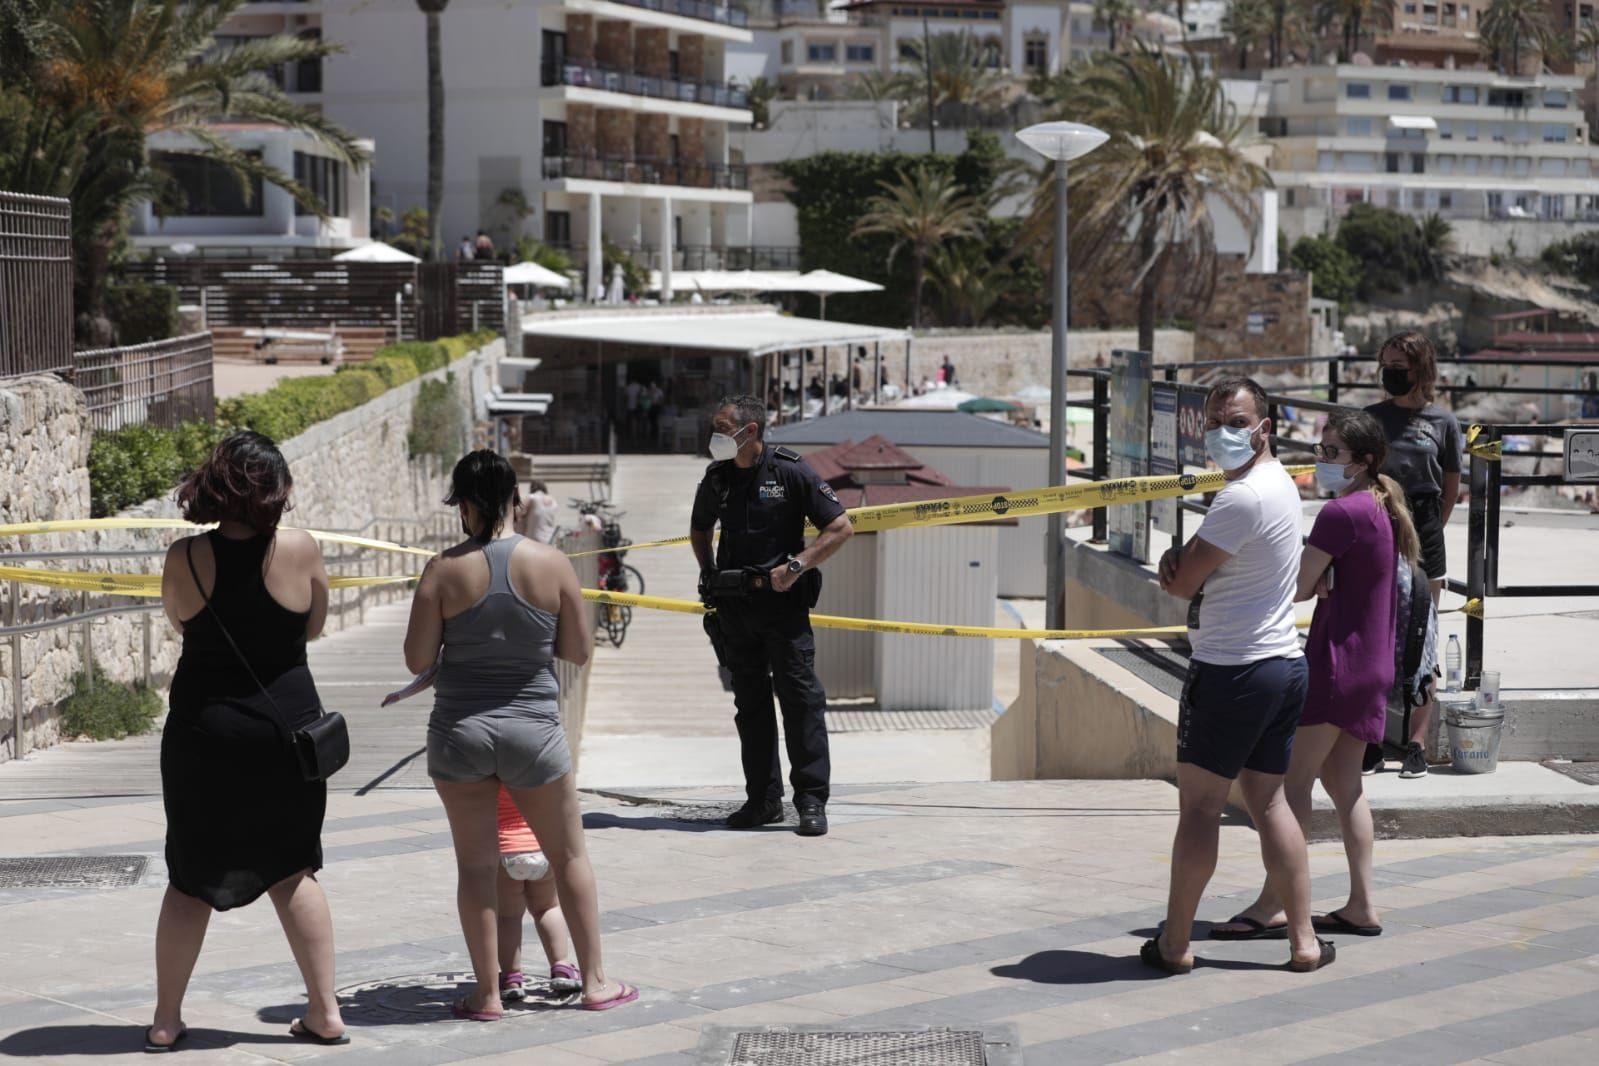 Cort cierra la playa de Cala Major por exceso de aforo